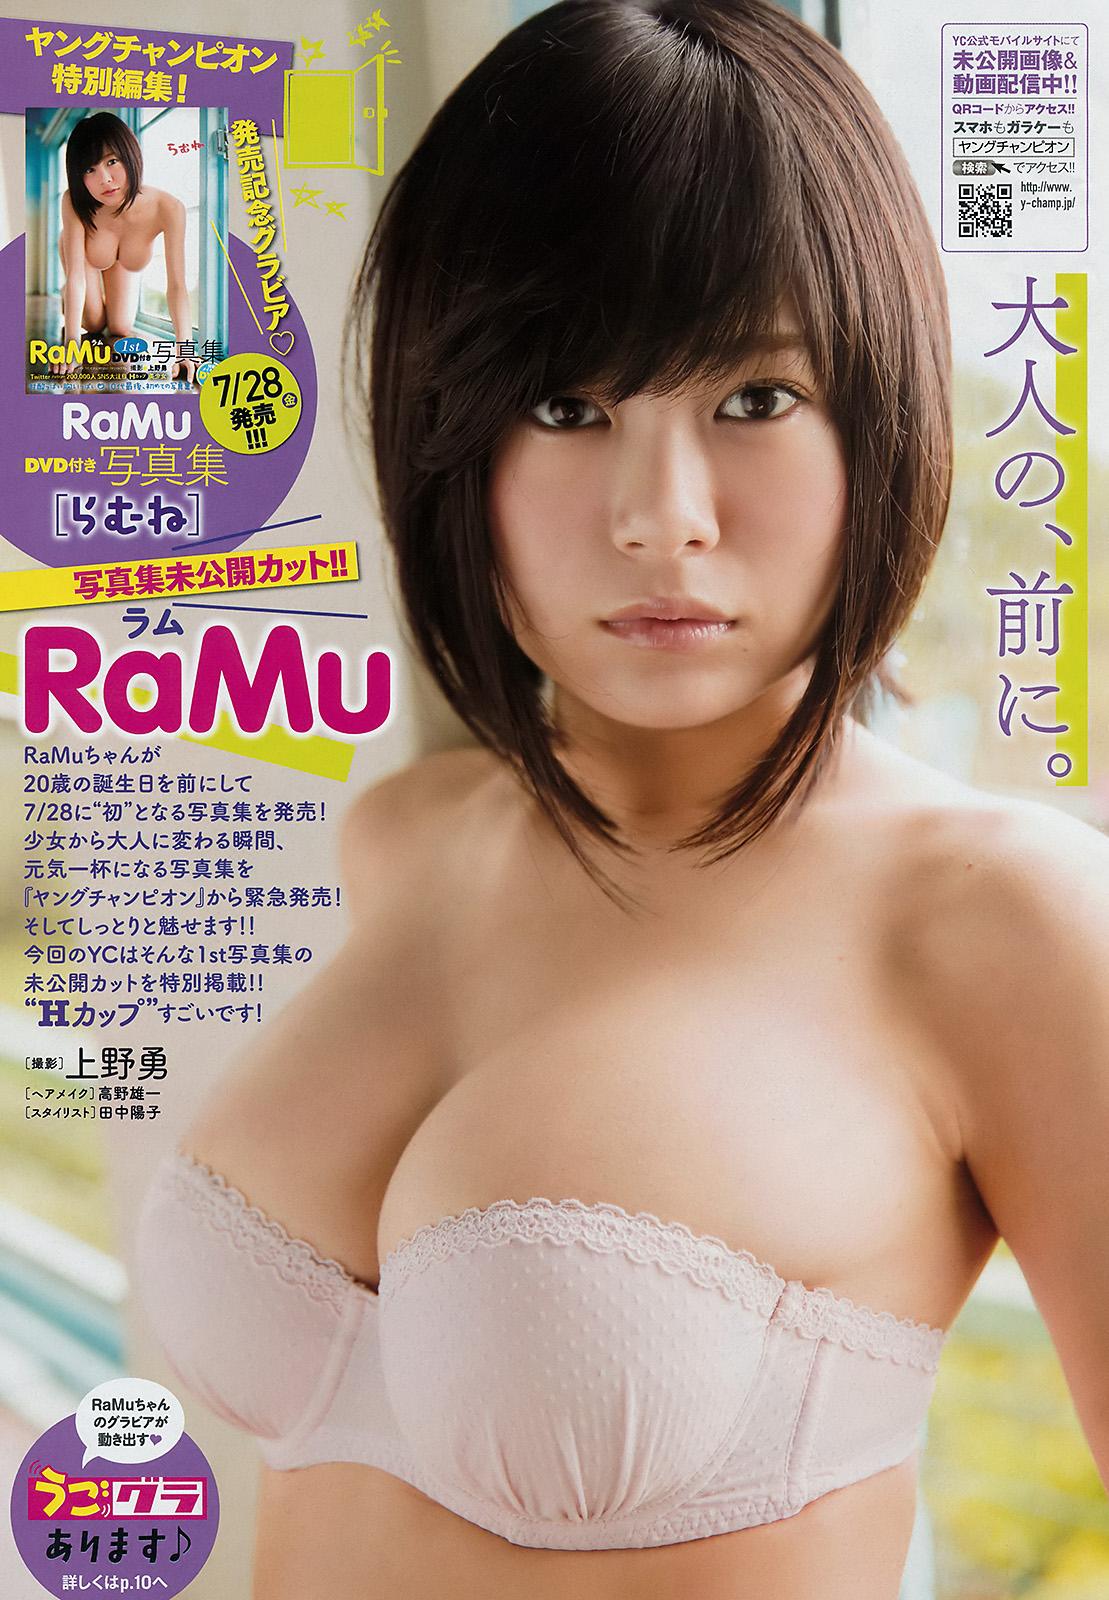 라무(RaMu, ラム, らむ) - Young Champion 2017 No.15